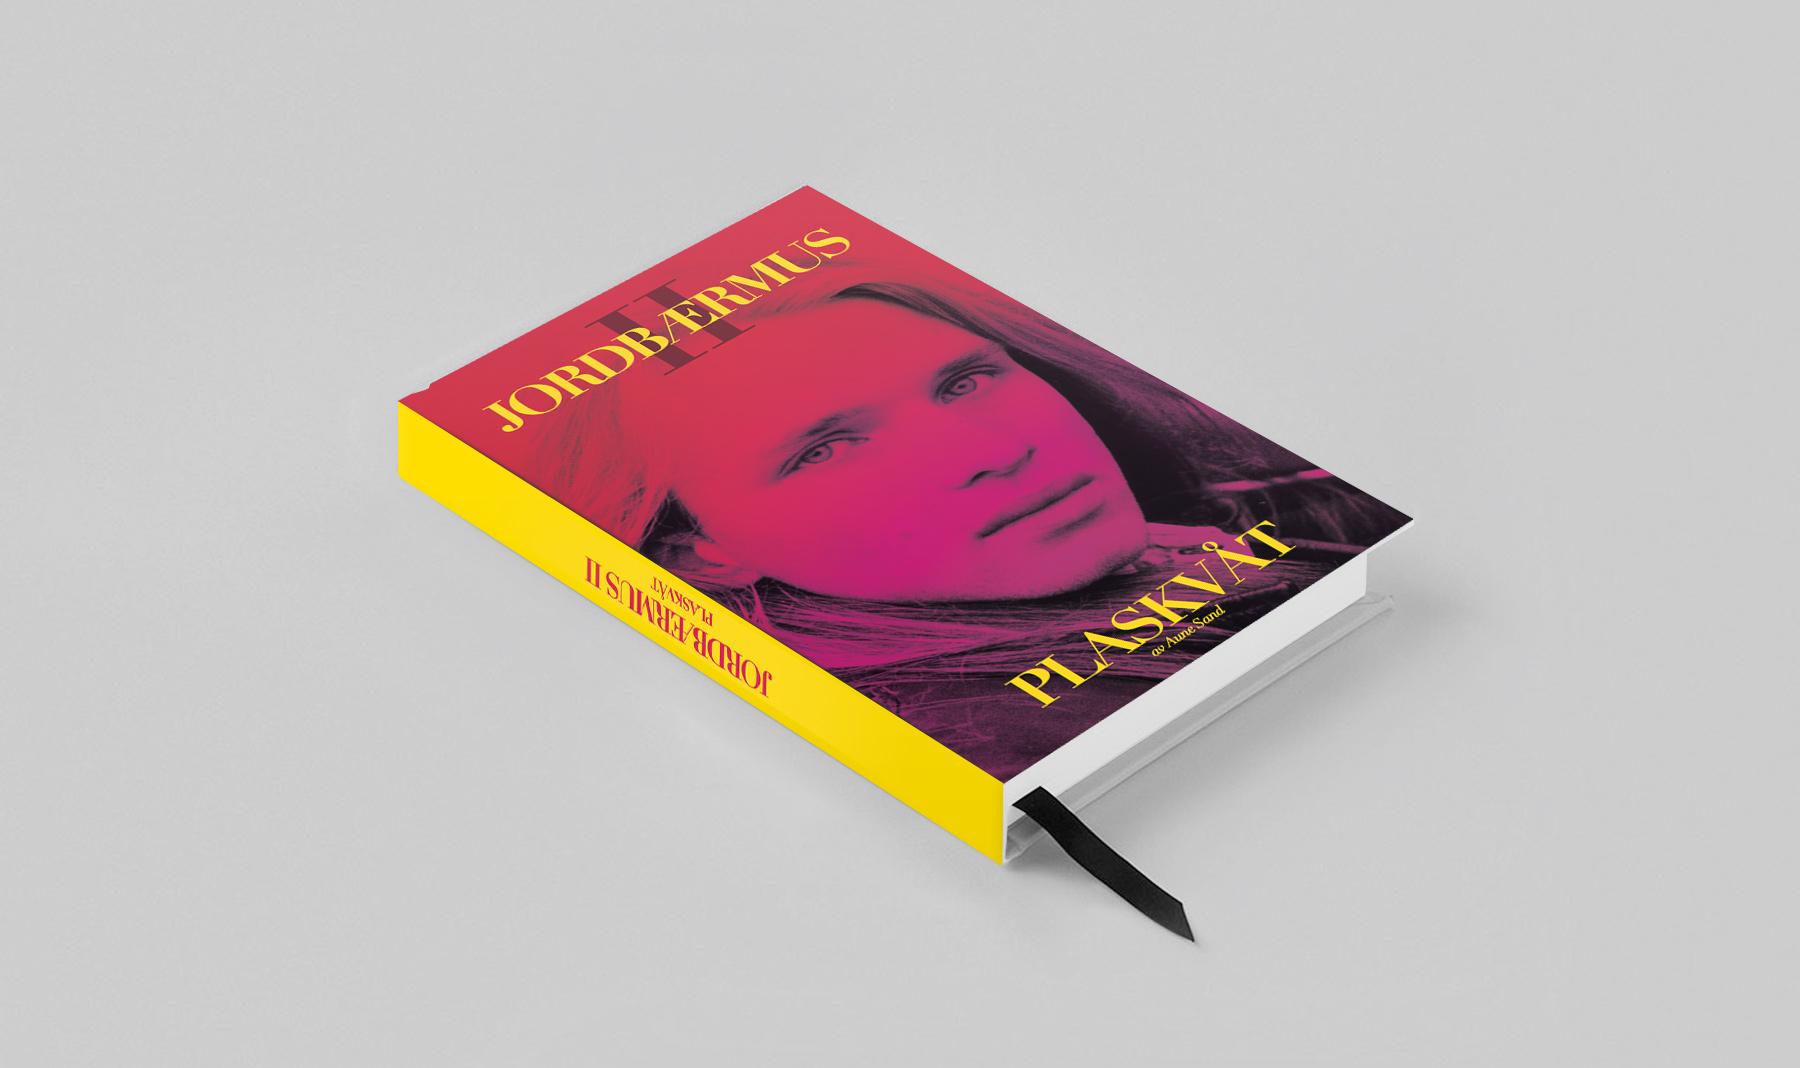 Aune Sand Book cover design Jordbaermus II